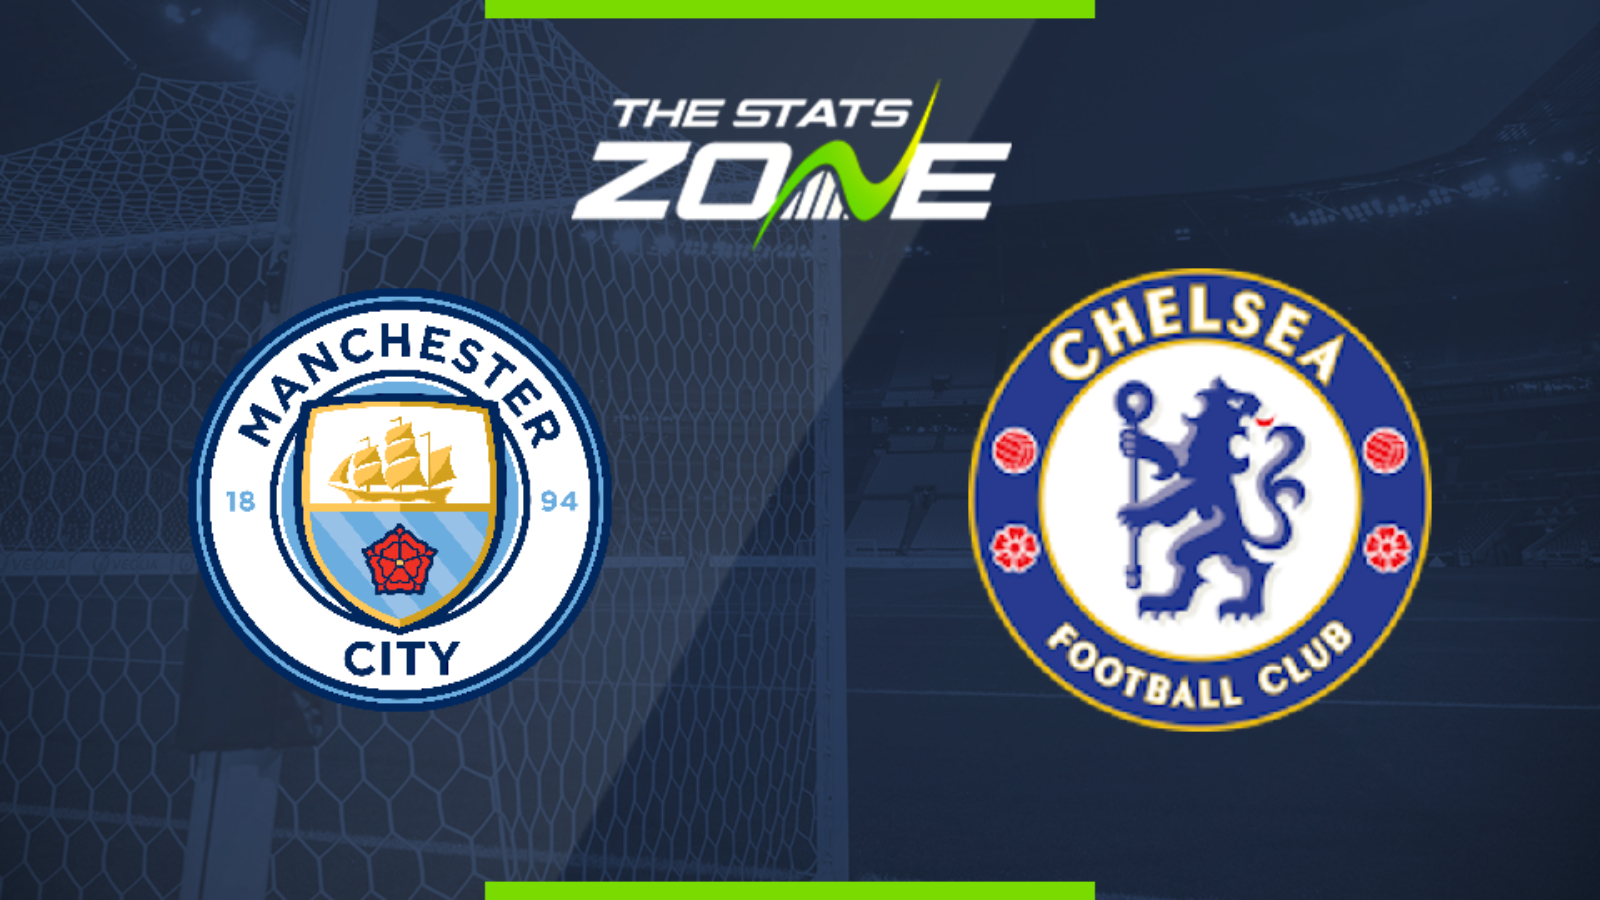 2019 20 Premier League Man City Vs Chelsea Preview Prediction The Stats Zone